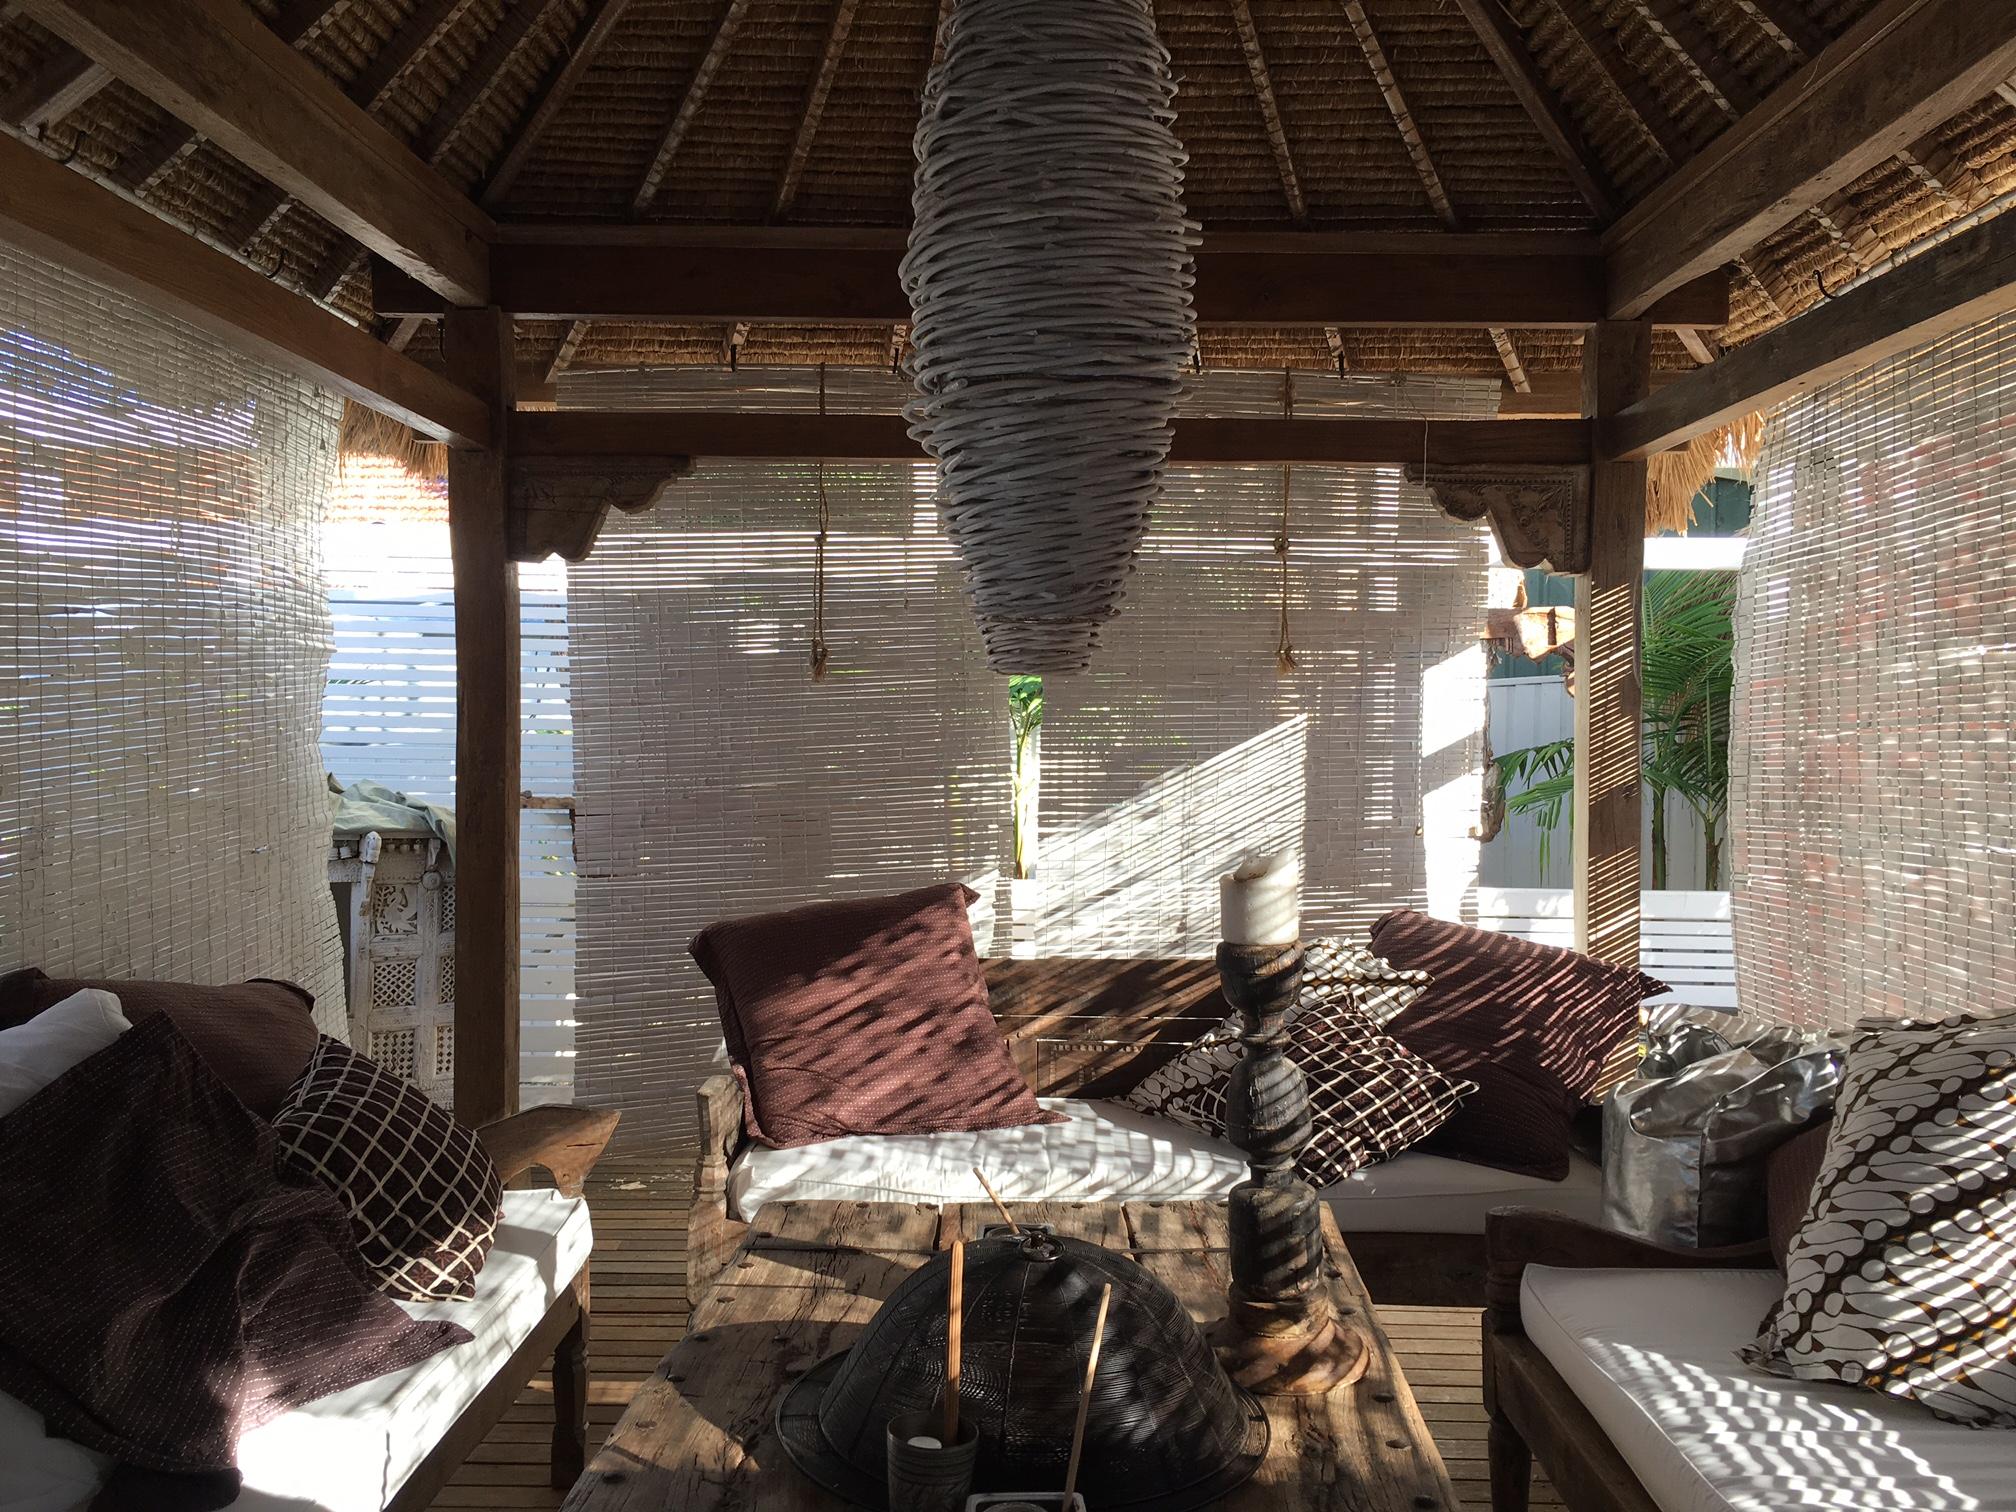 Bali day bed heaven byron bay